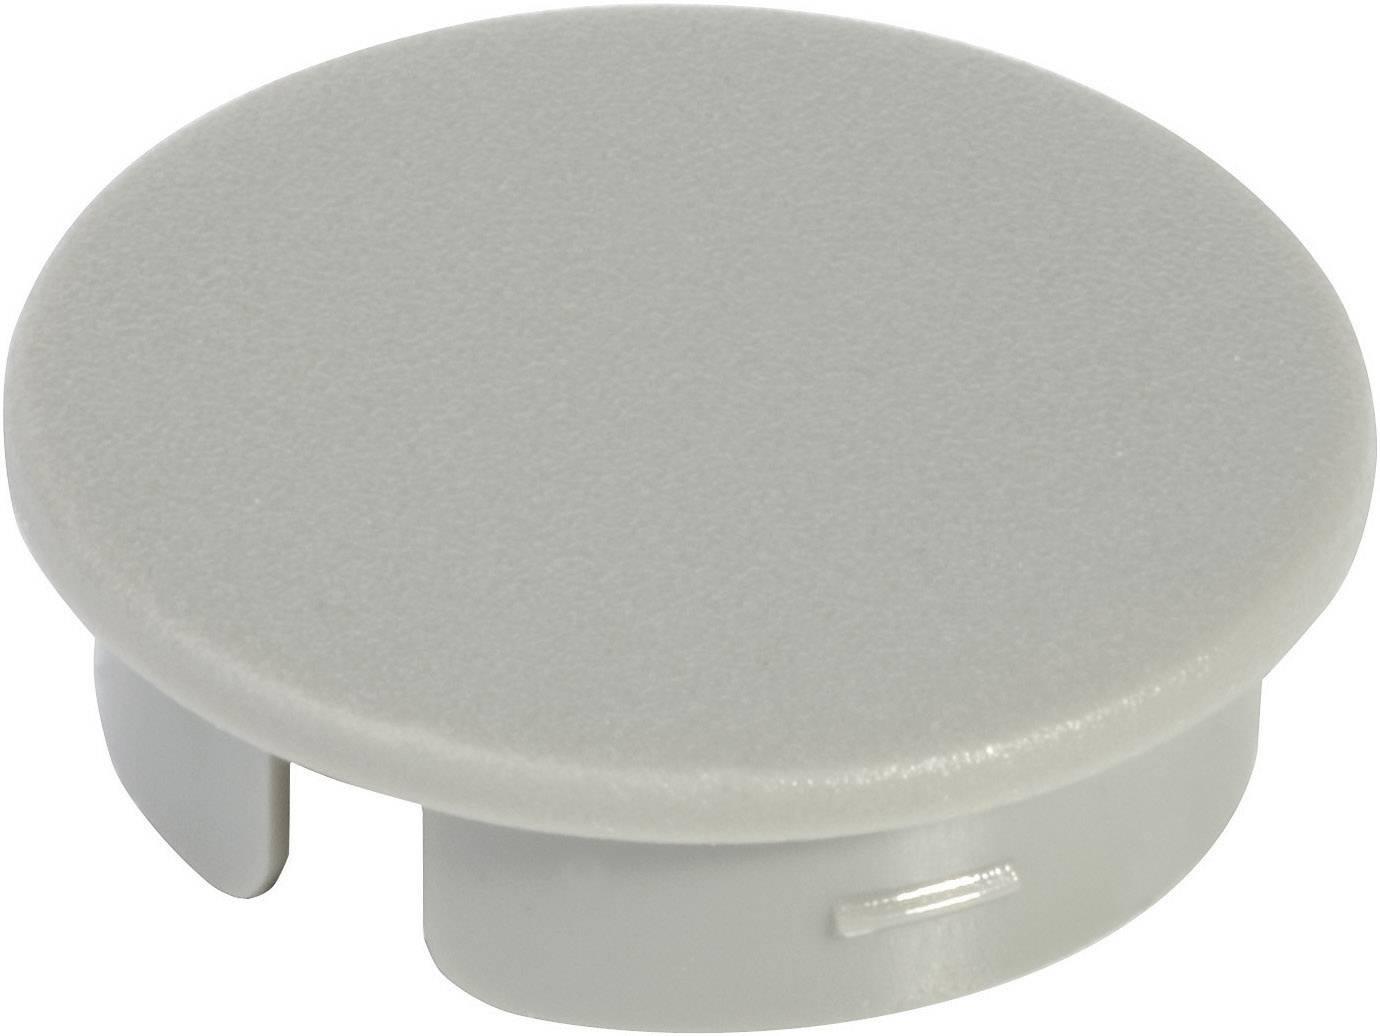 Krytka na otočný knoflík s ukazatelem OKW, pro knoflíky/O 23 mm, šedá